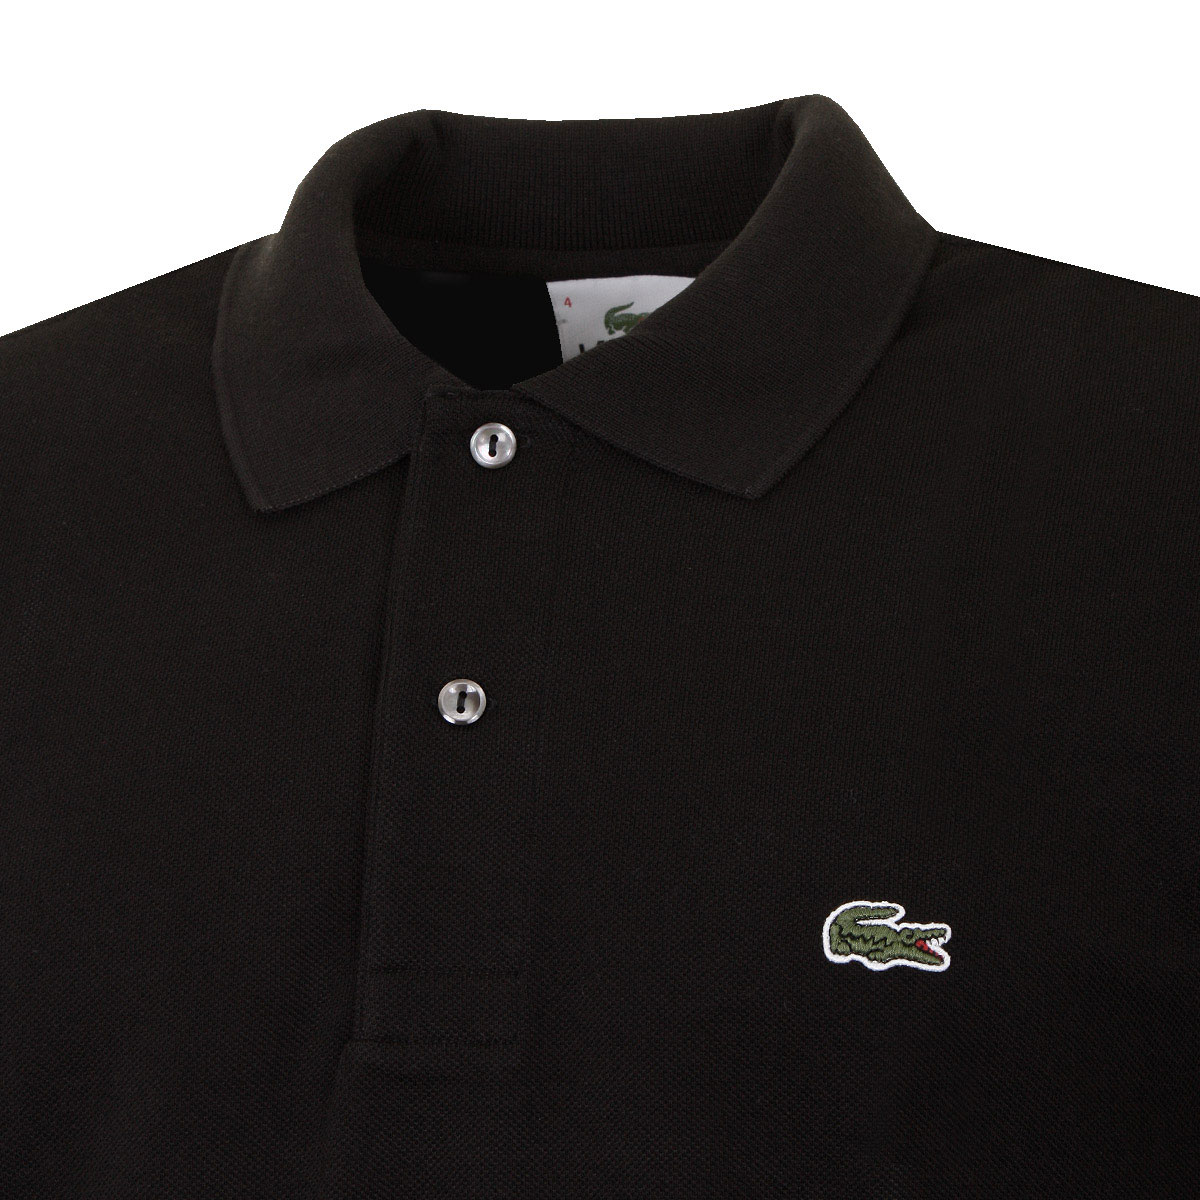 Lacoste T Shirt 2019